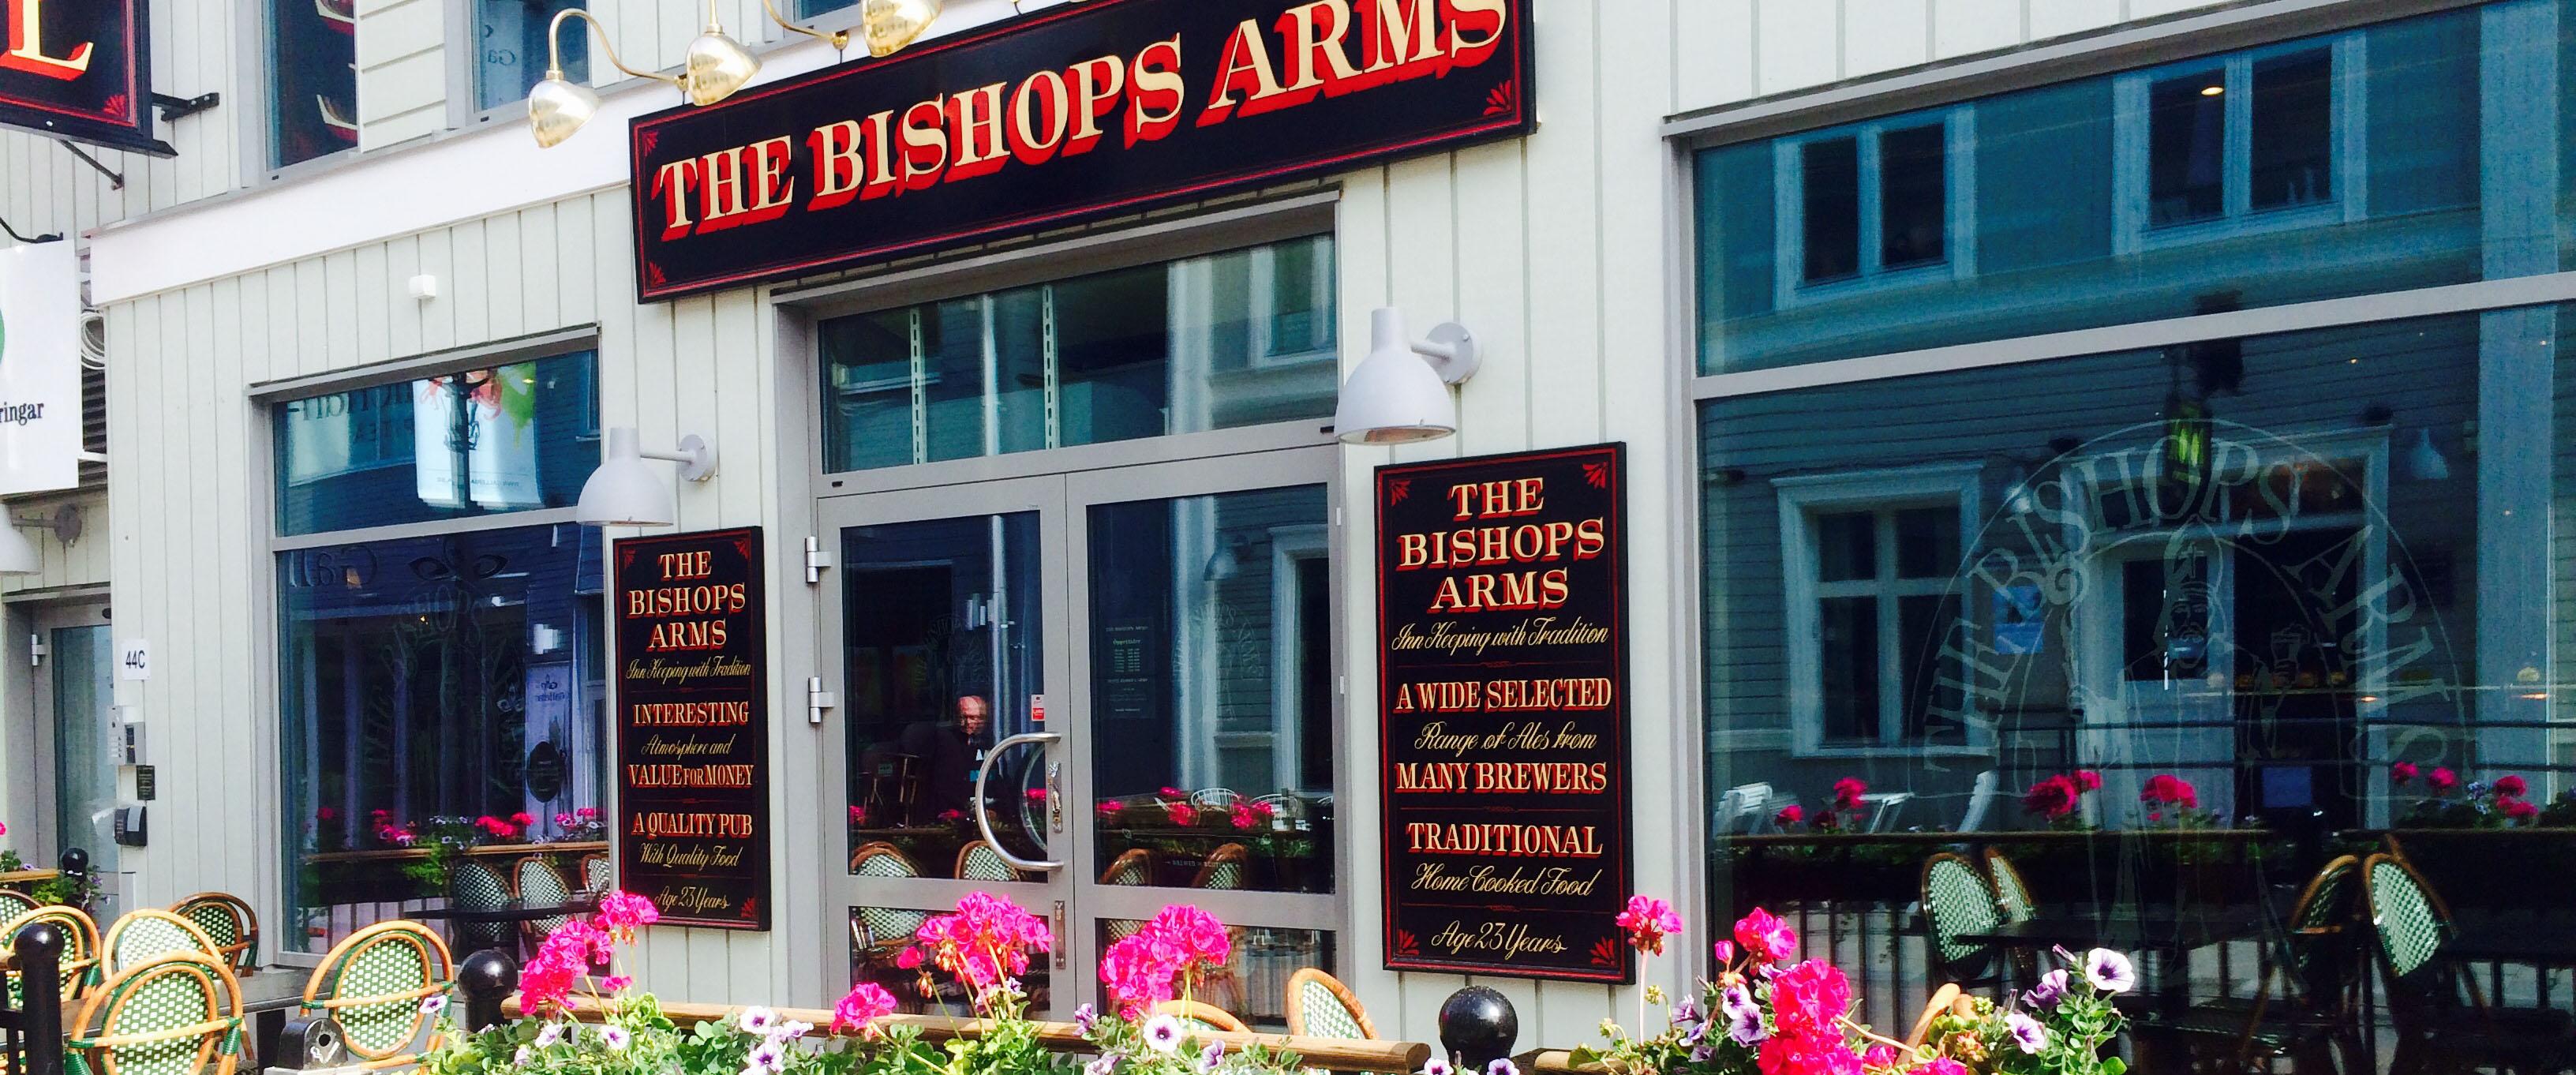 Bishop Arms Uteservering